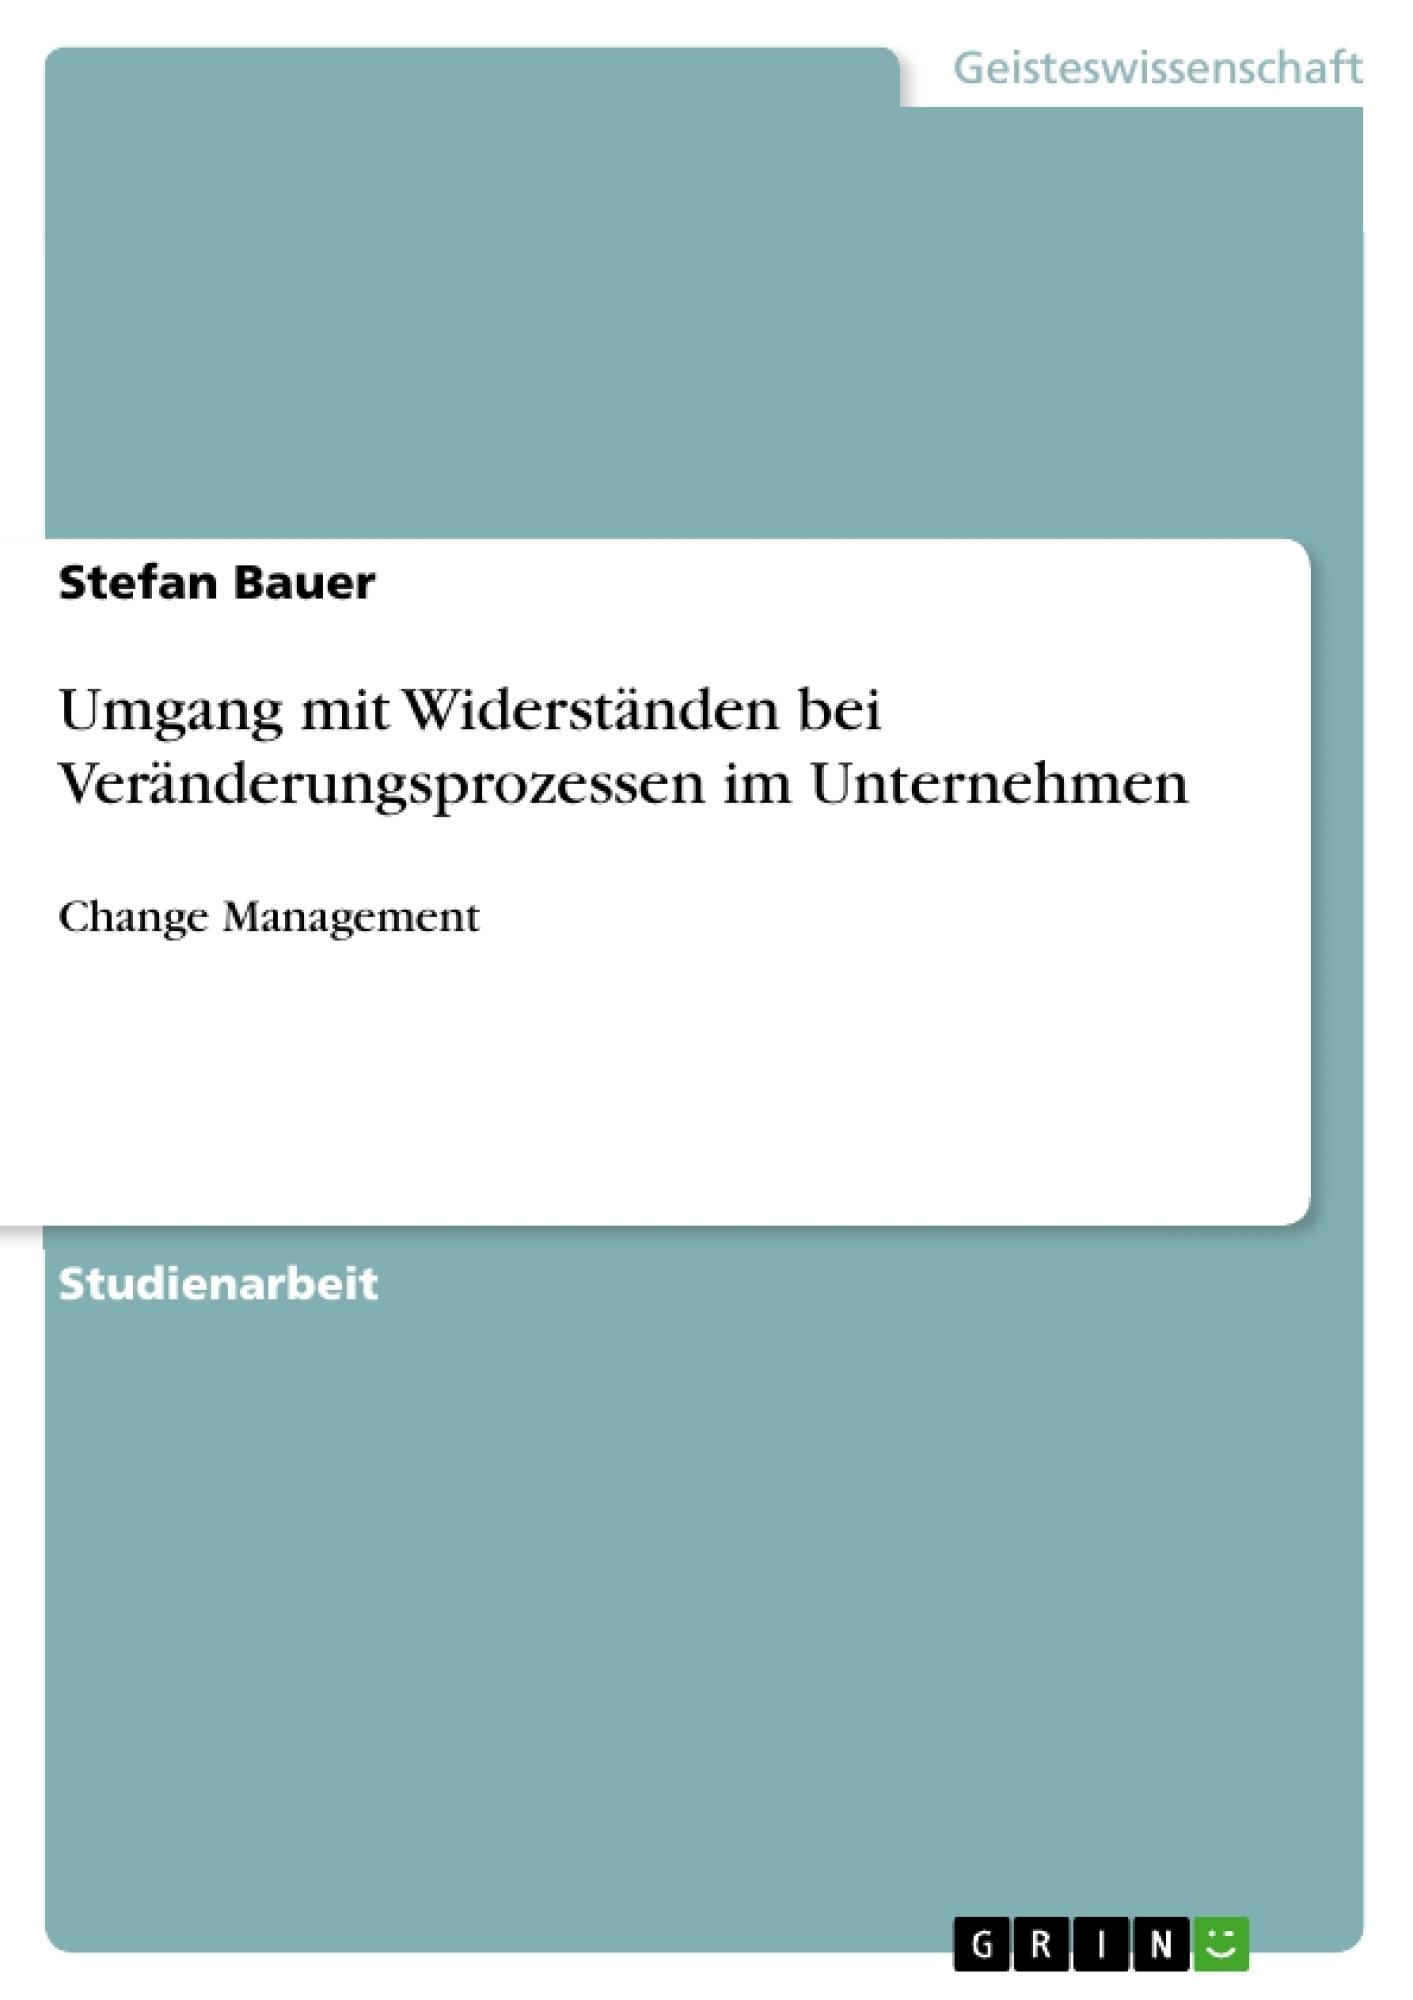 Titel: Umgang mit Widerständen bei Veränderungsprozessen im Unternehmen